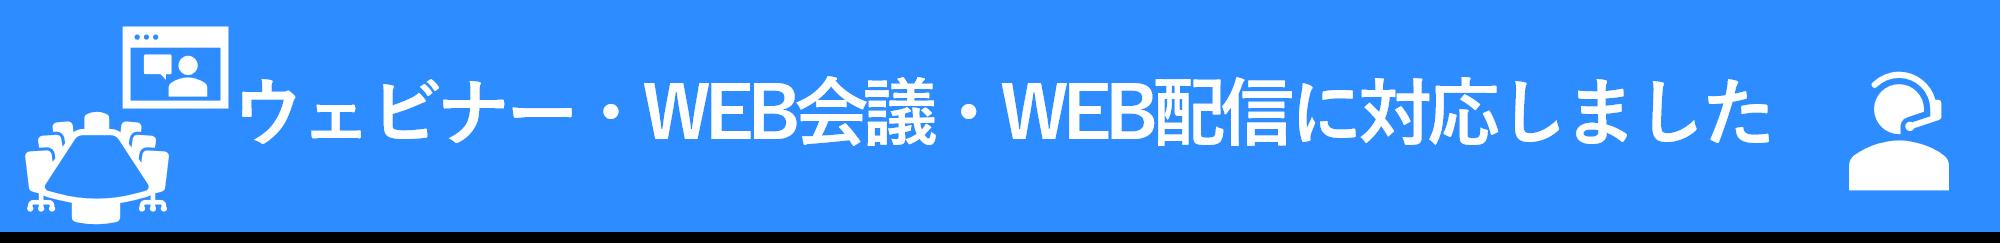 ウェビナー・WEB会議・WEB配信に対応